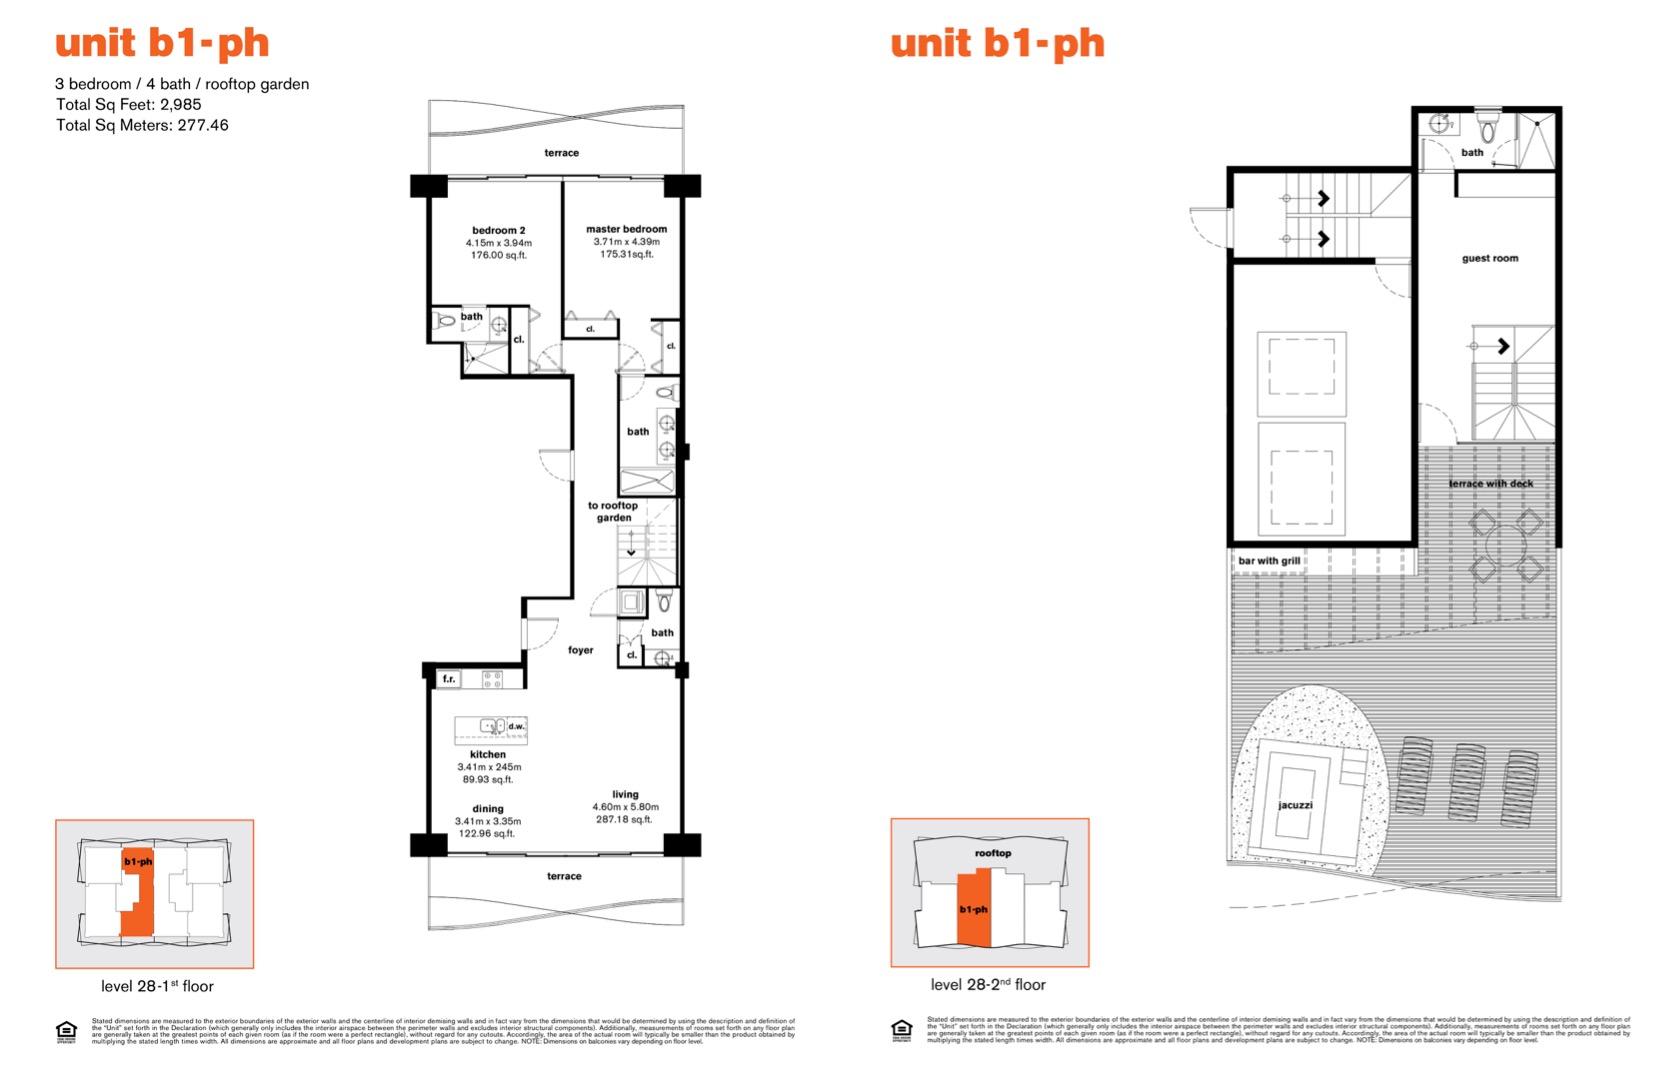 Floor plan image PHB1r - 3/4/Garden  - 2985 sqft image